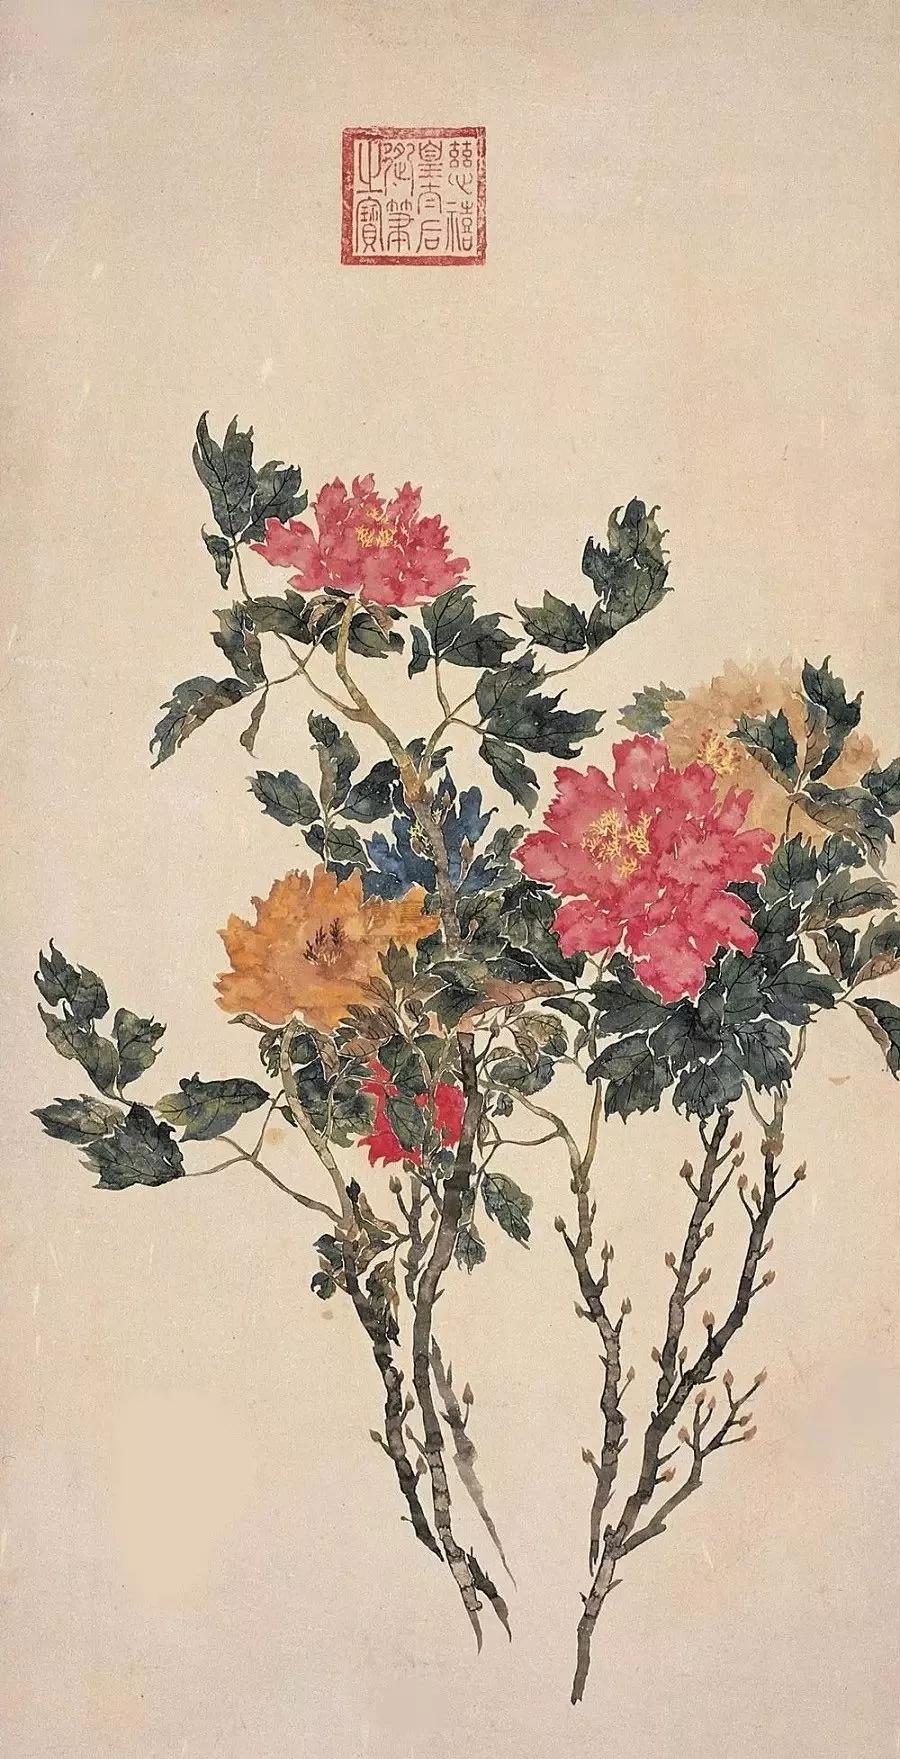 慈禧太后国画74幅丨美醉了 卢浮宫收藏了12幅